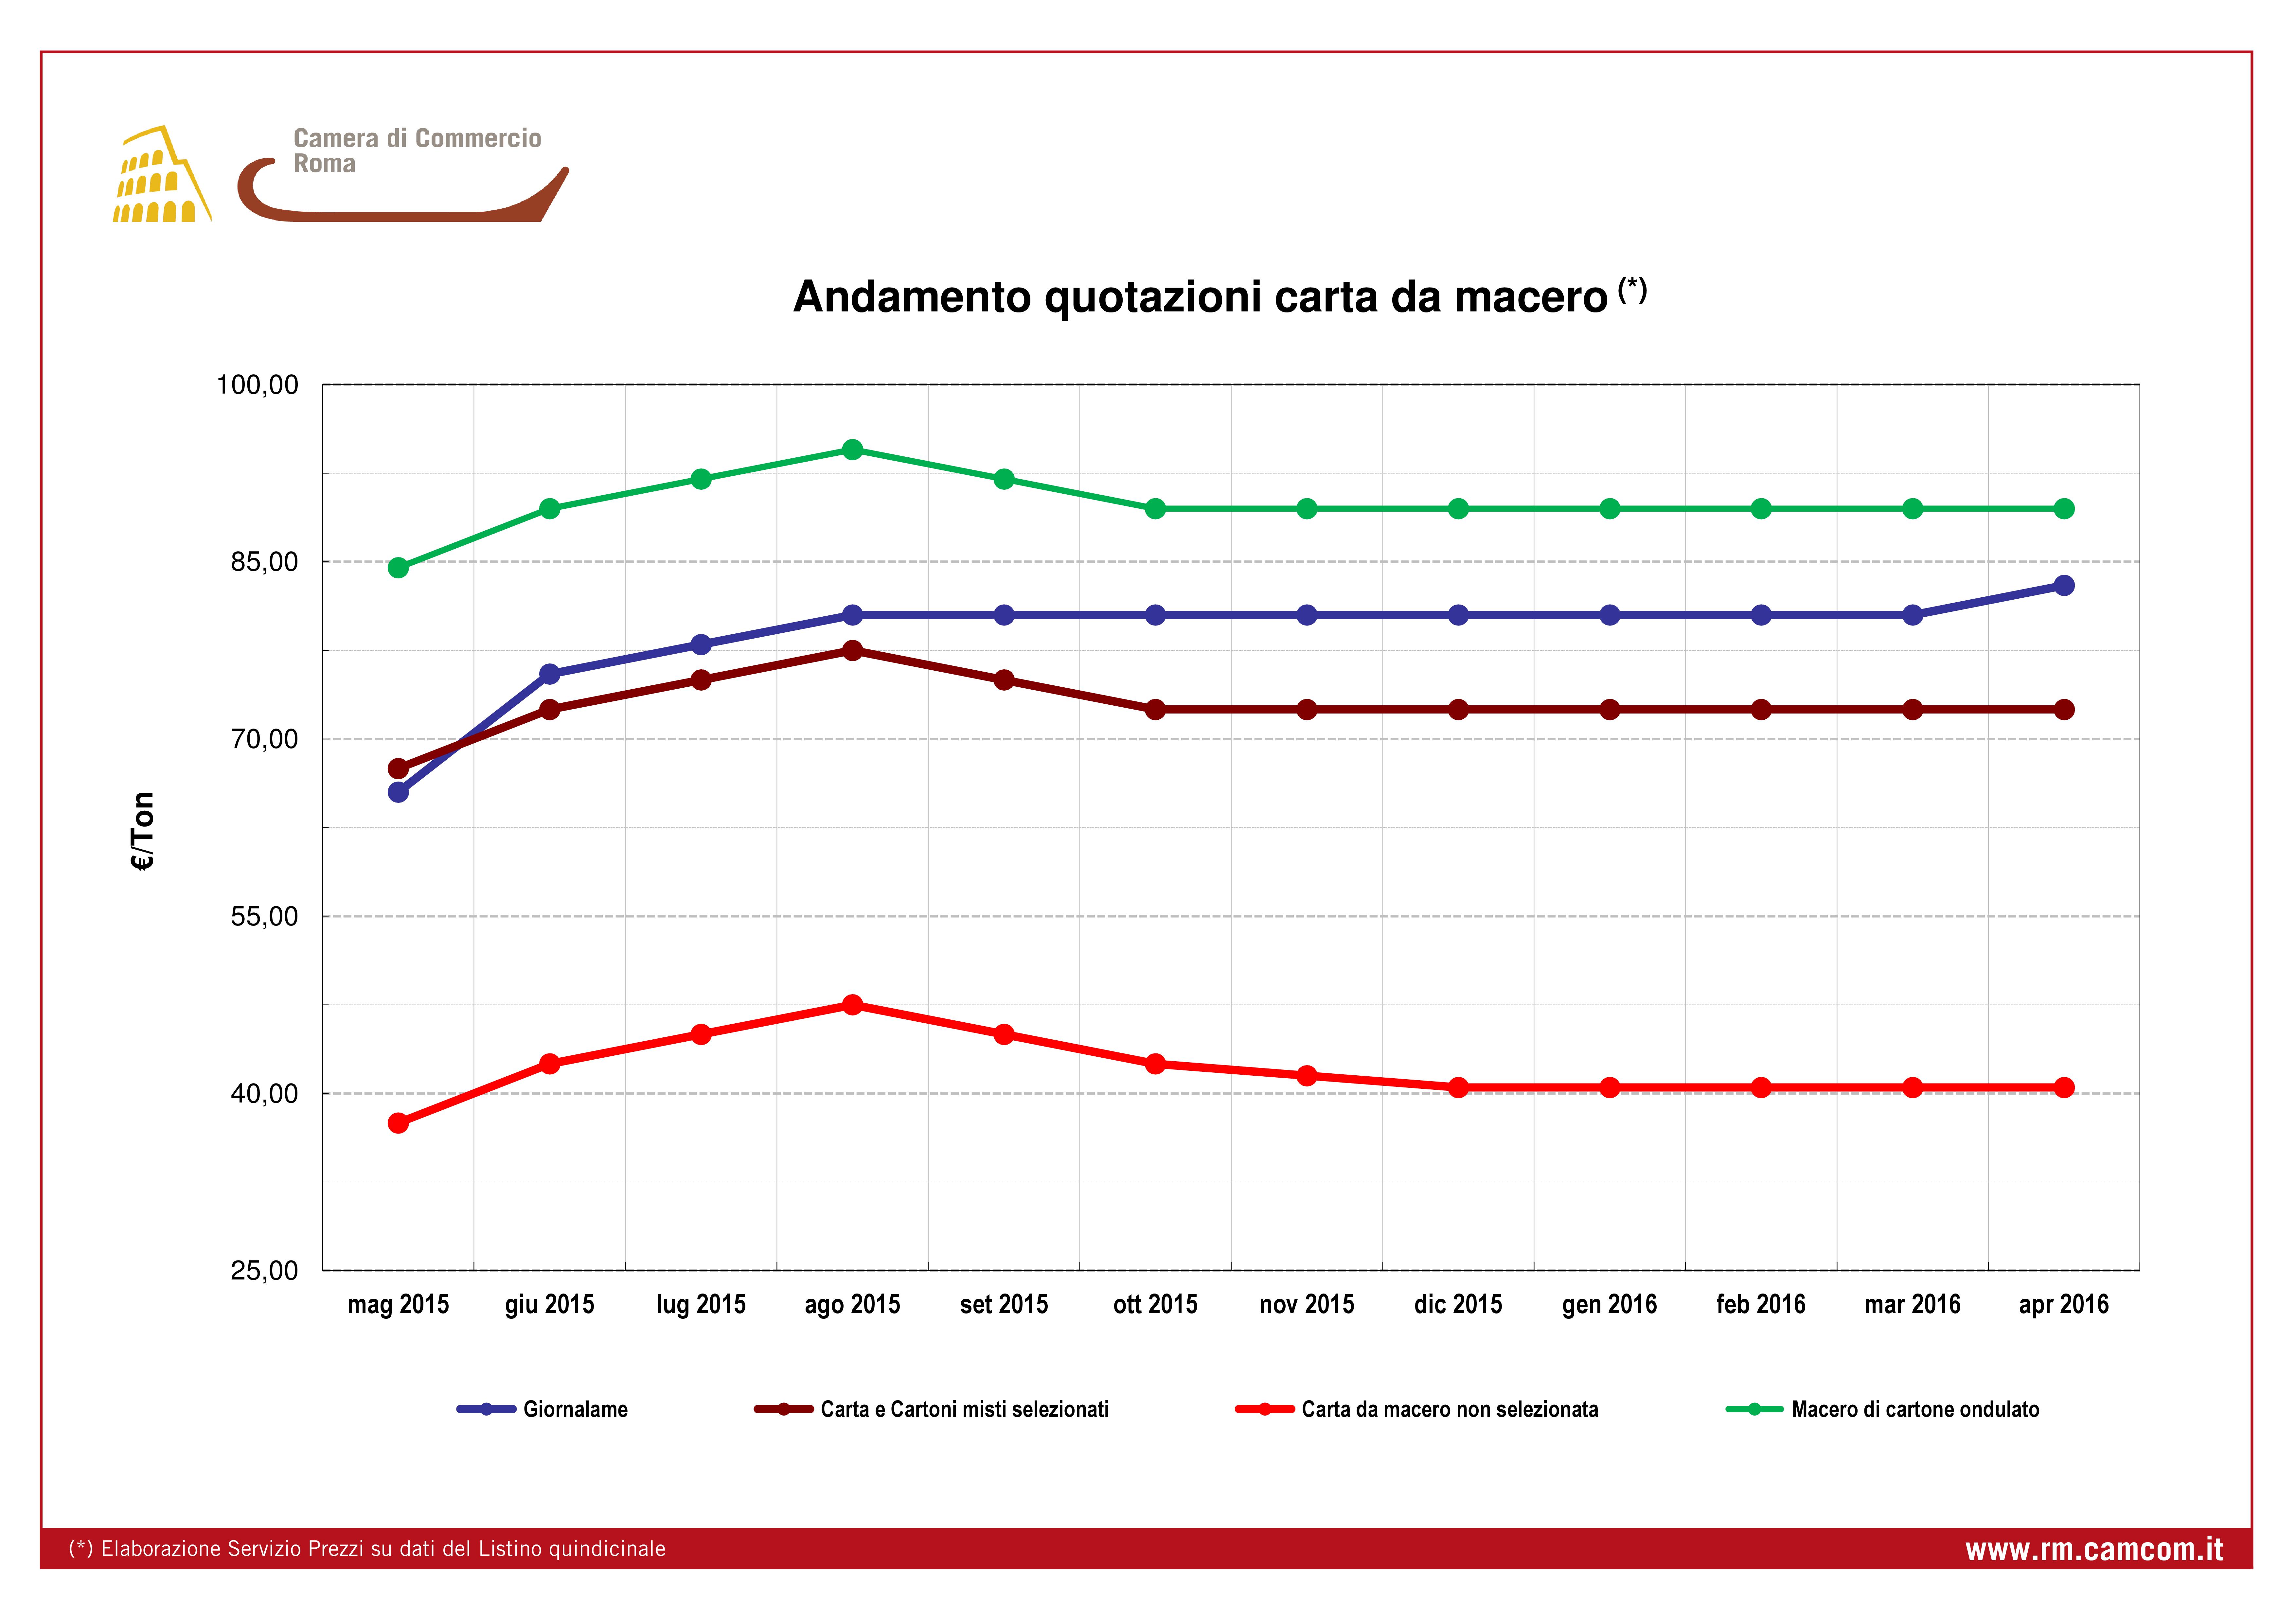 Andamento quotazioni carta da macero da giugno 2014 a luglio 2015